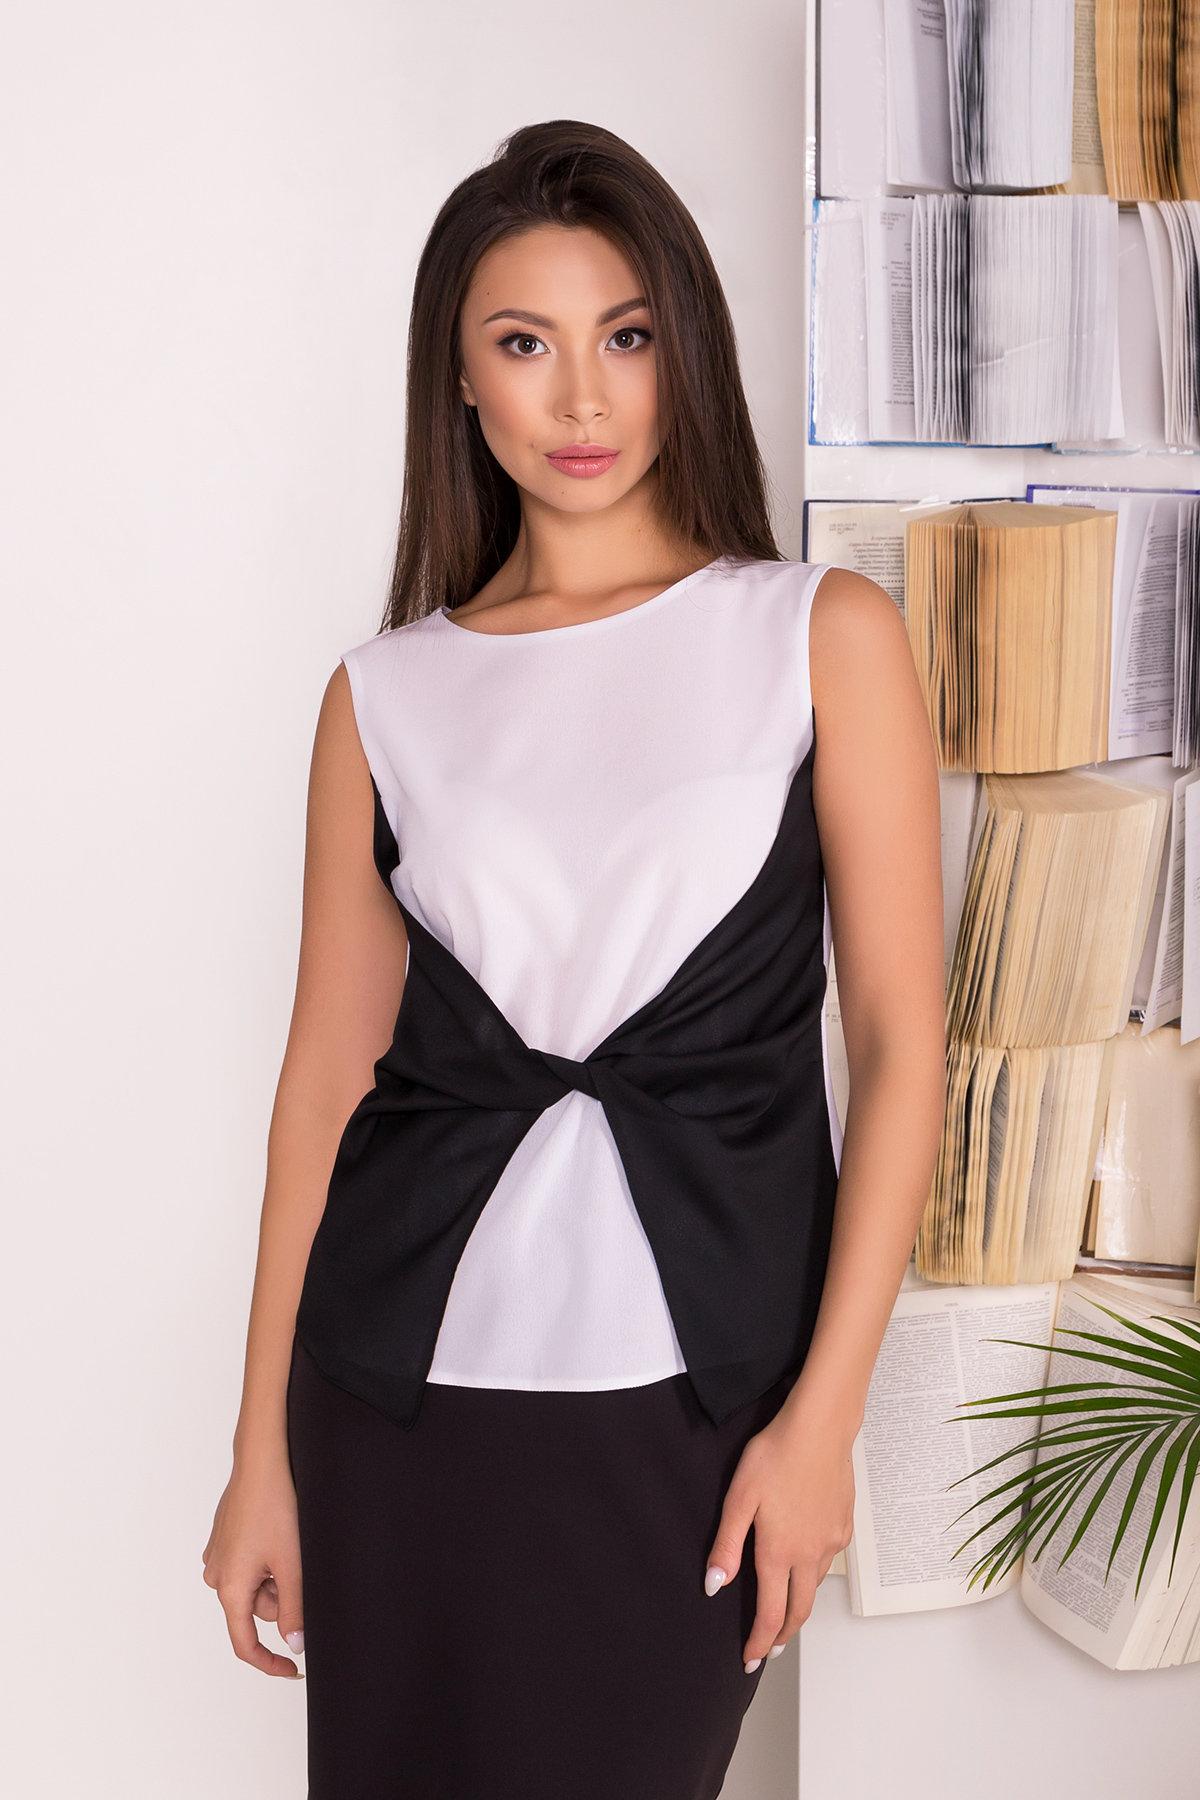 Черно-белая блуза Борнео 7655 АРТ. 43640 Цвет: Белый/черный - фото 4, интернет магазин tm-modus.ru